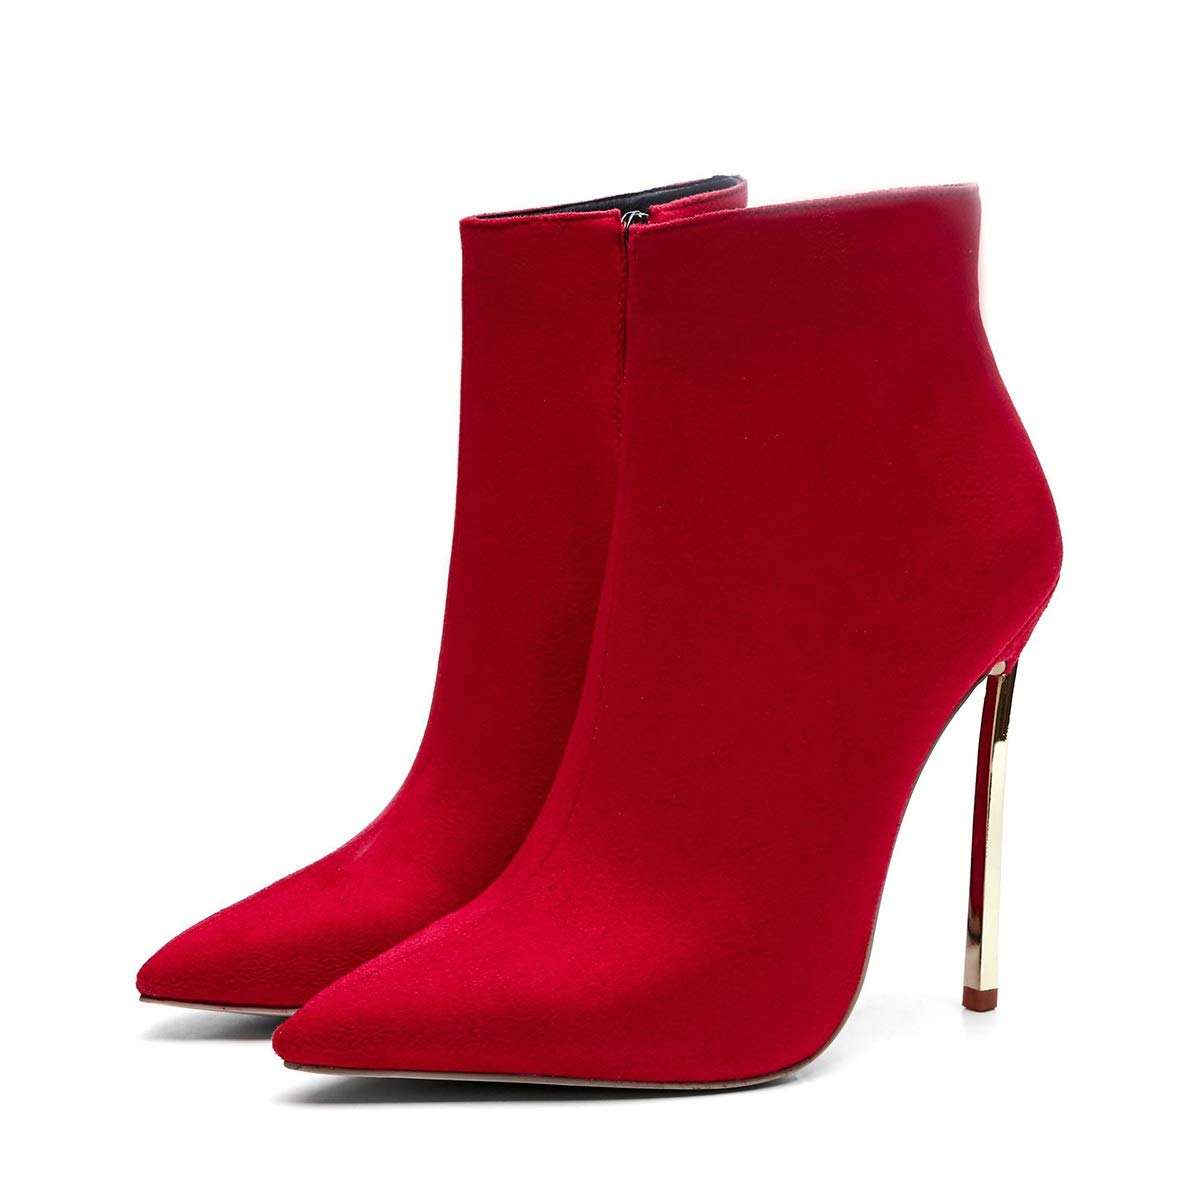 Hy Damenschuhe Stiefel, Wildleder Herbst Winter Stiefel, Damen Abendschuhe, Mode Stiefel, Pfennigabsatz Stiefeletten, Hochzeitsgesellschaft (Farbe   Rot, Größe   34)